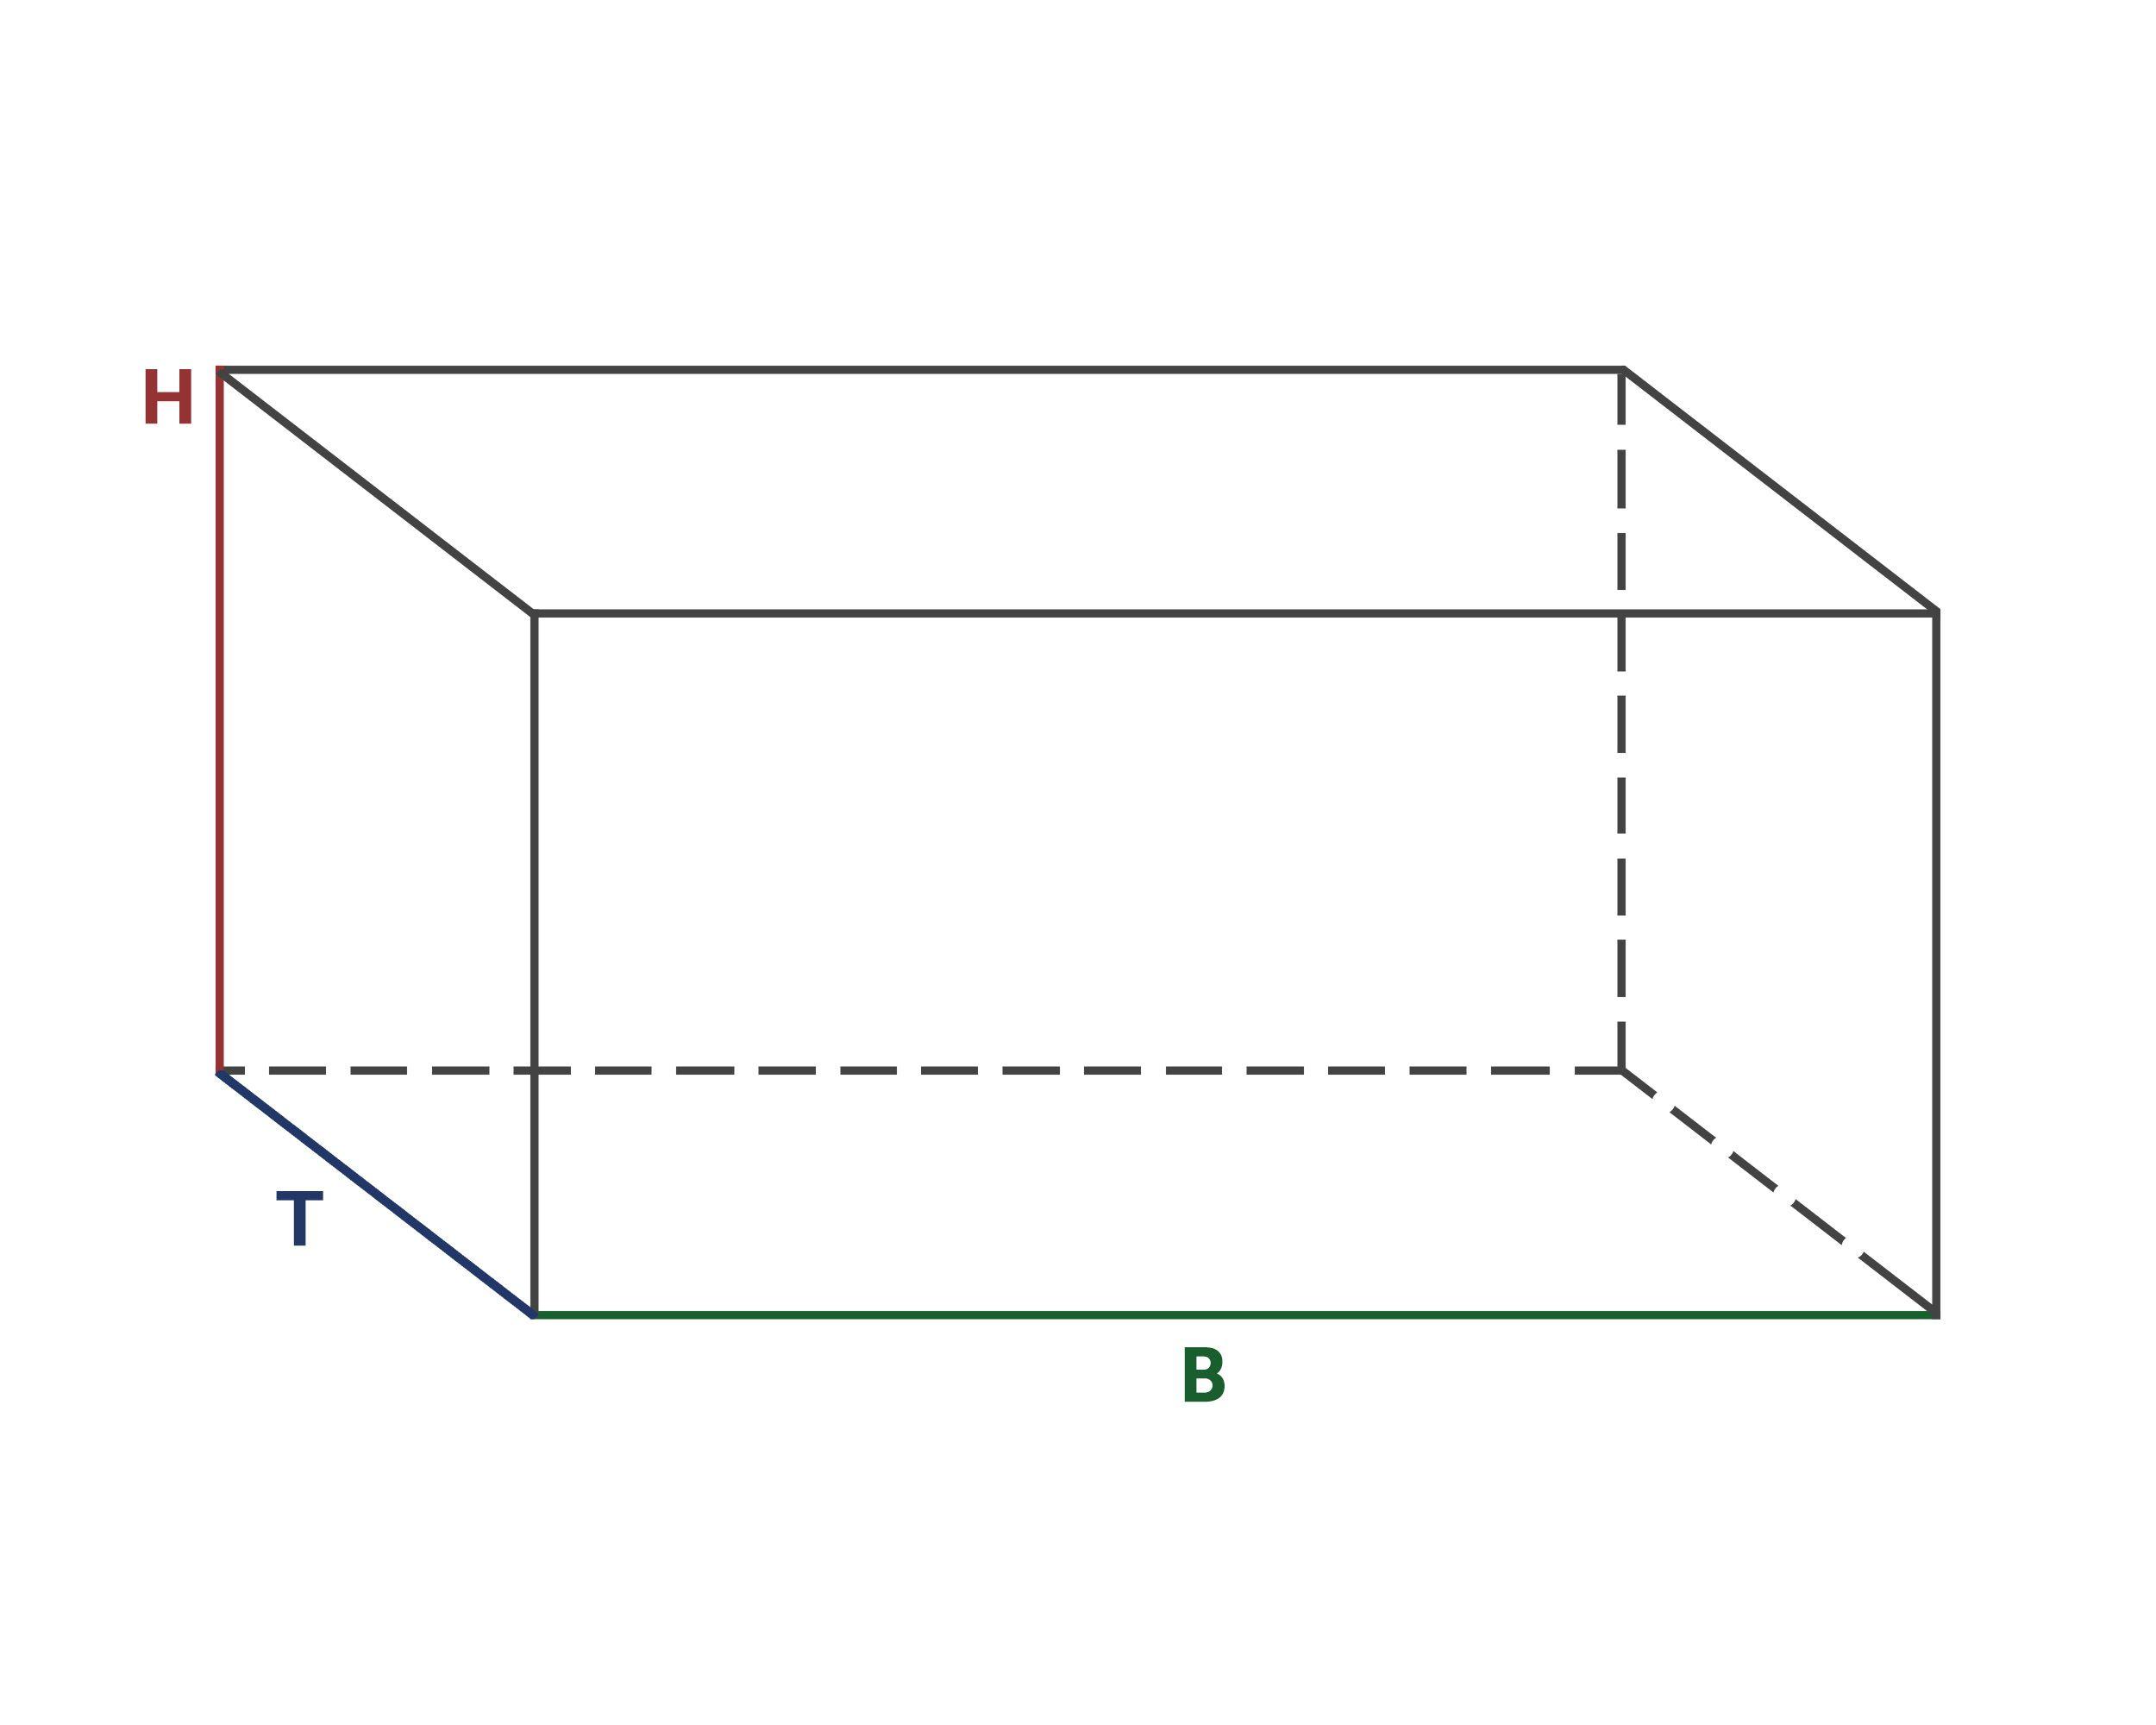 Blaha Gartenmöbel   Schutzhülle Nach Maß   Schachtelform (verkehrte  Schuhschachtel) (AC LU2801